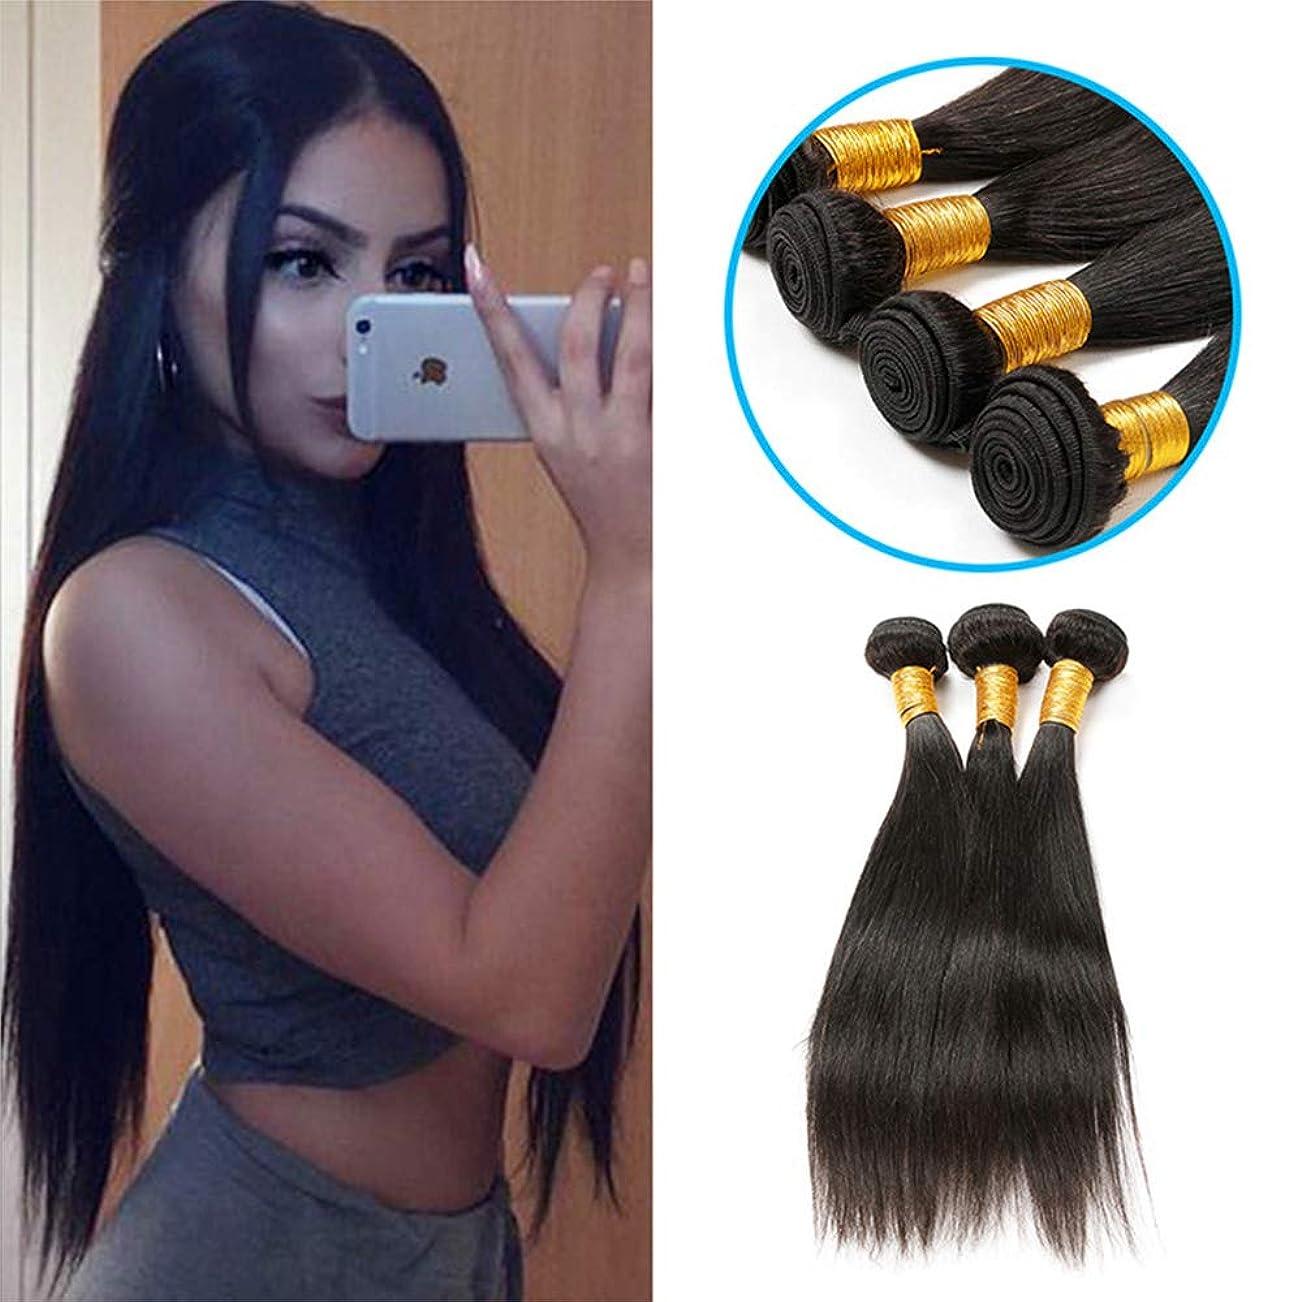 寓話改修する寓話女性の髪織り130%密度ブラジルの髪1バンドルストレートヘア100%未処理のブラジルのバージンストレート人間の髪